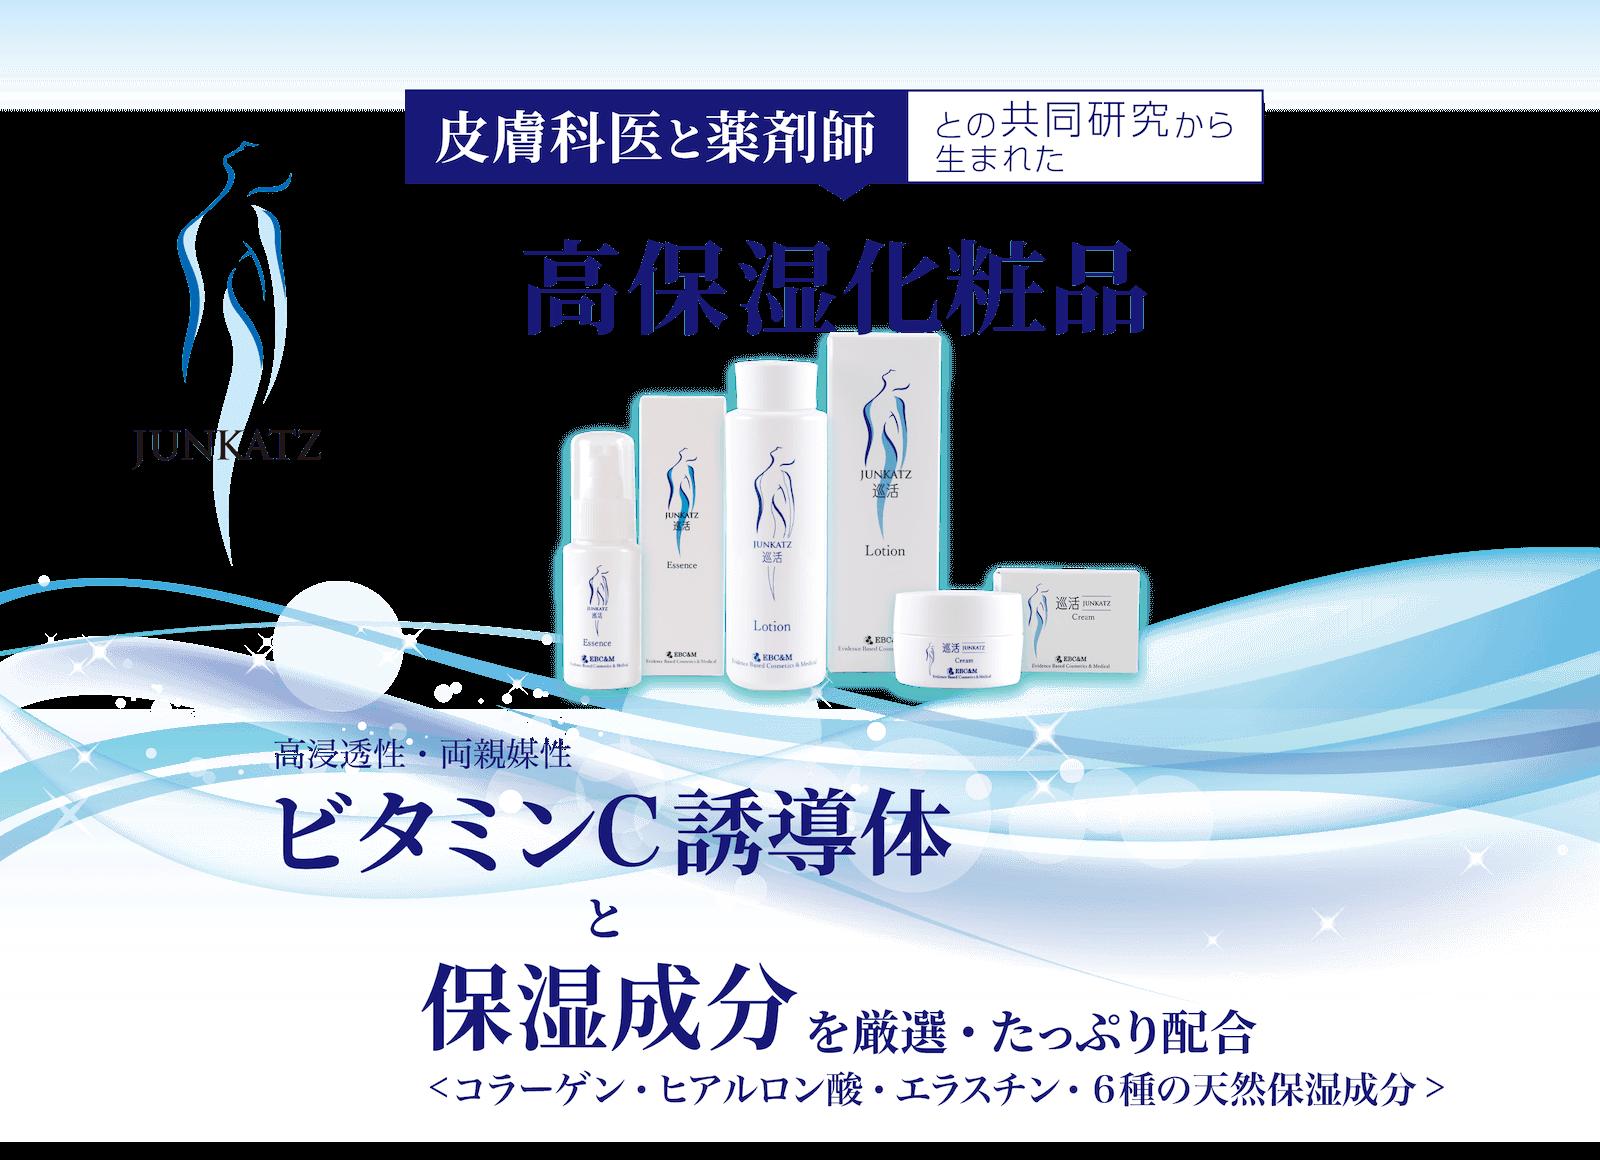 皮膚科医と薬剤師との共同研究から生まれた高保湿化粧品/高浸透性・両親媒性ビタミンC誘導体と保湿成分を厳選・たっぷり配合<コラーゲン・ヒアルロン酸・エラスチン・6種の天然保湿成分>